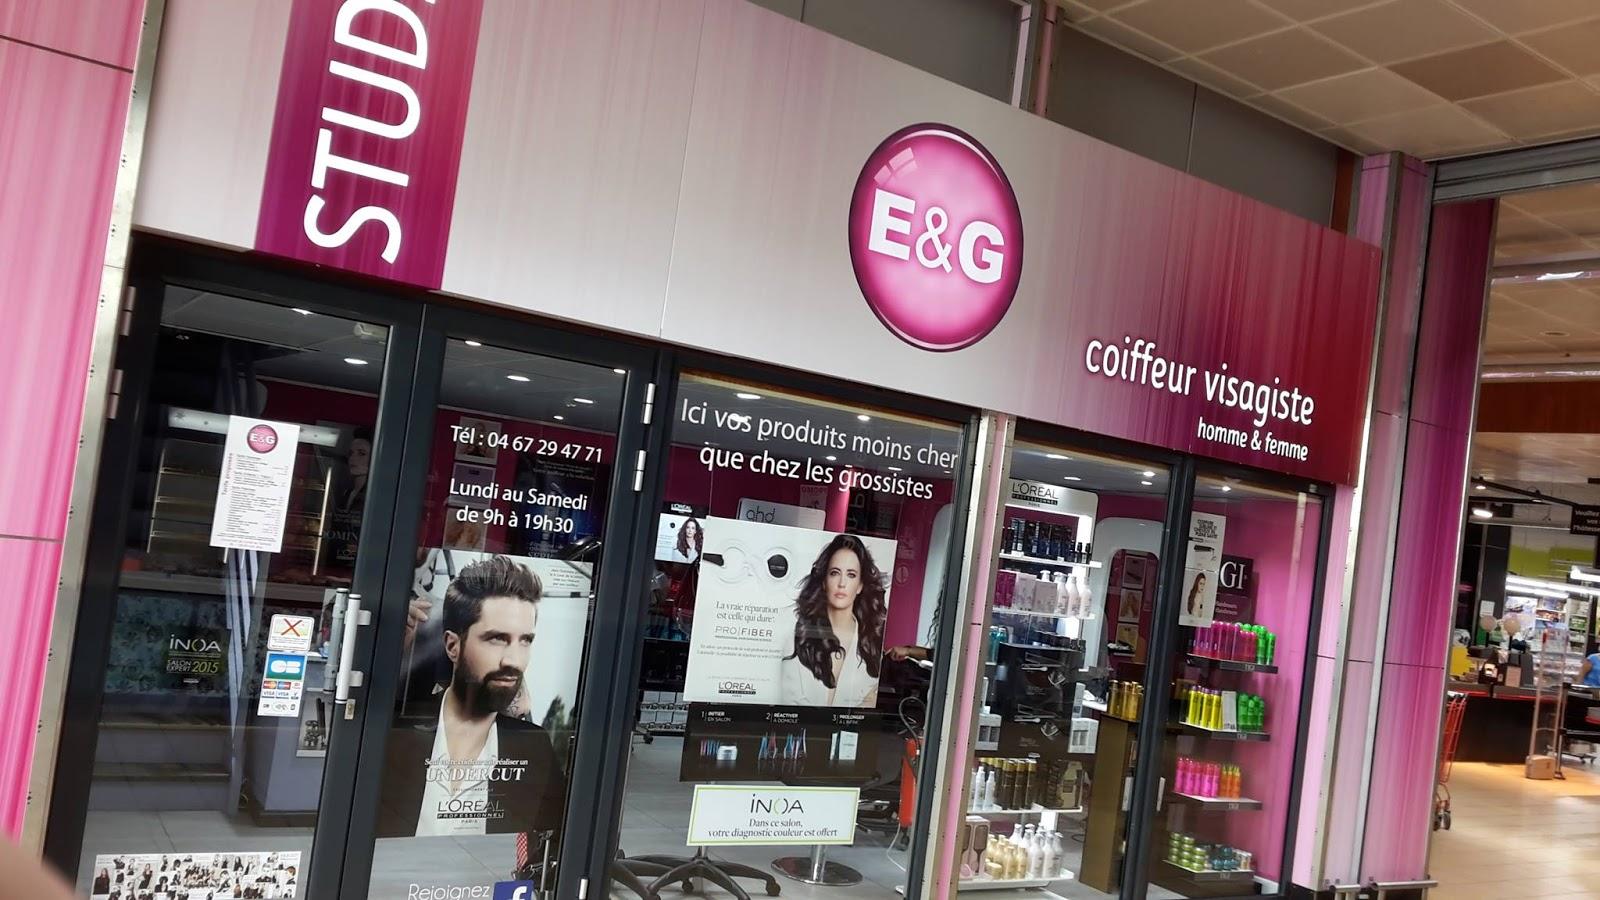 salon de coiffure e g situ au 41 avenue georges clemenceau 34000 montpellier - Coiffeur Coloriste Montpellier